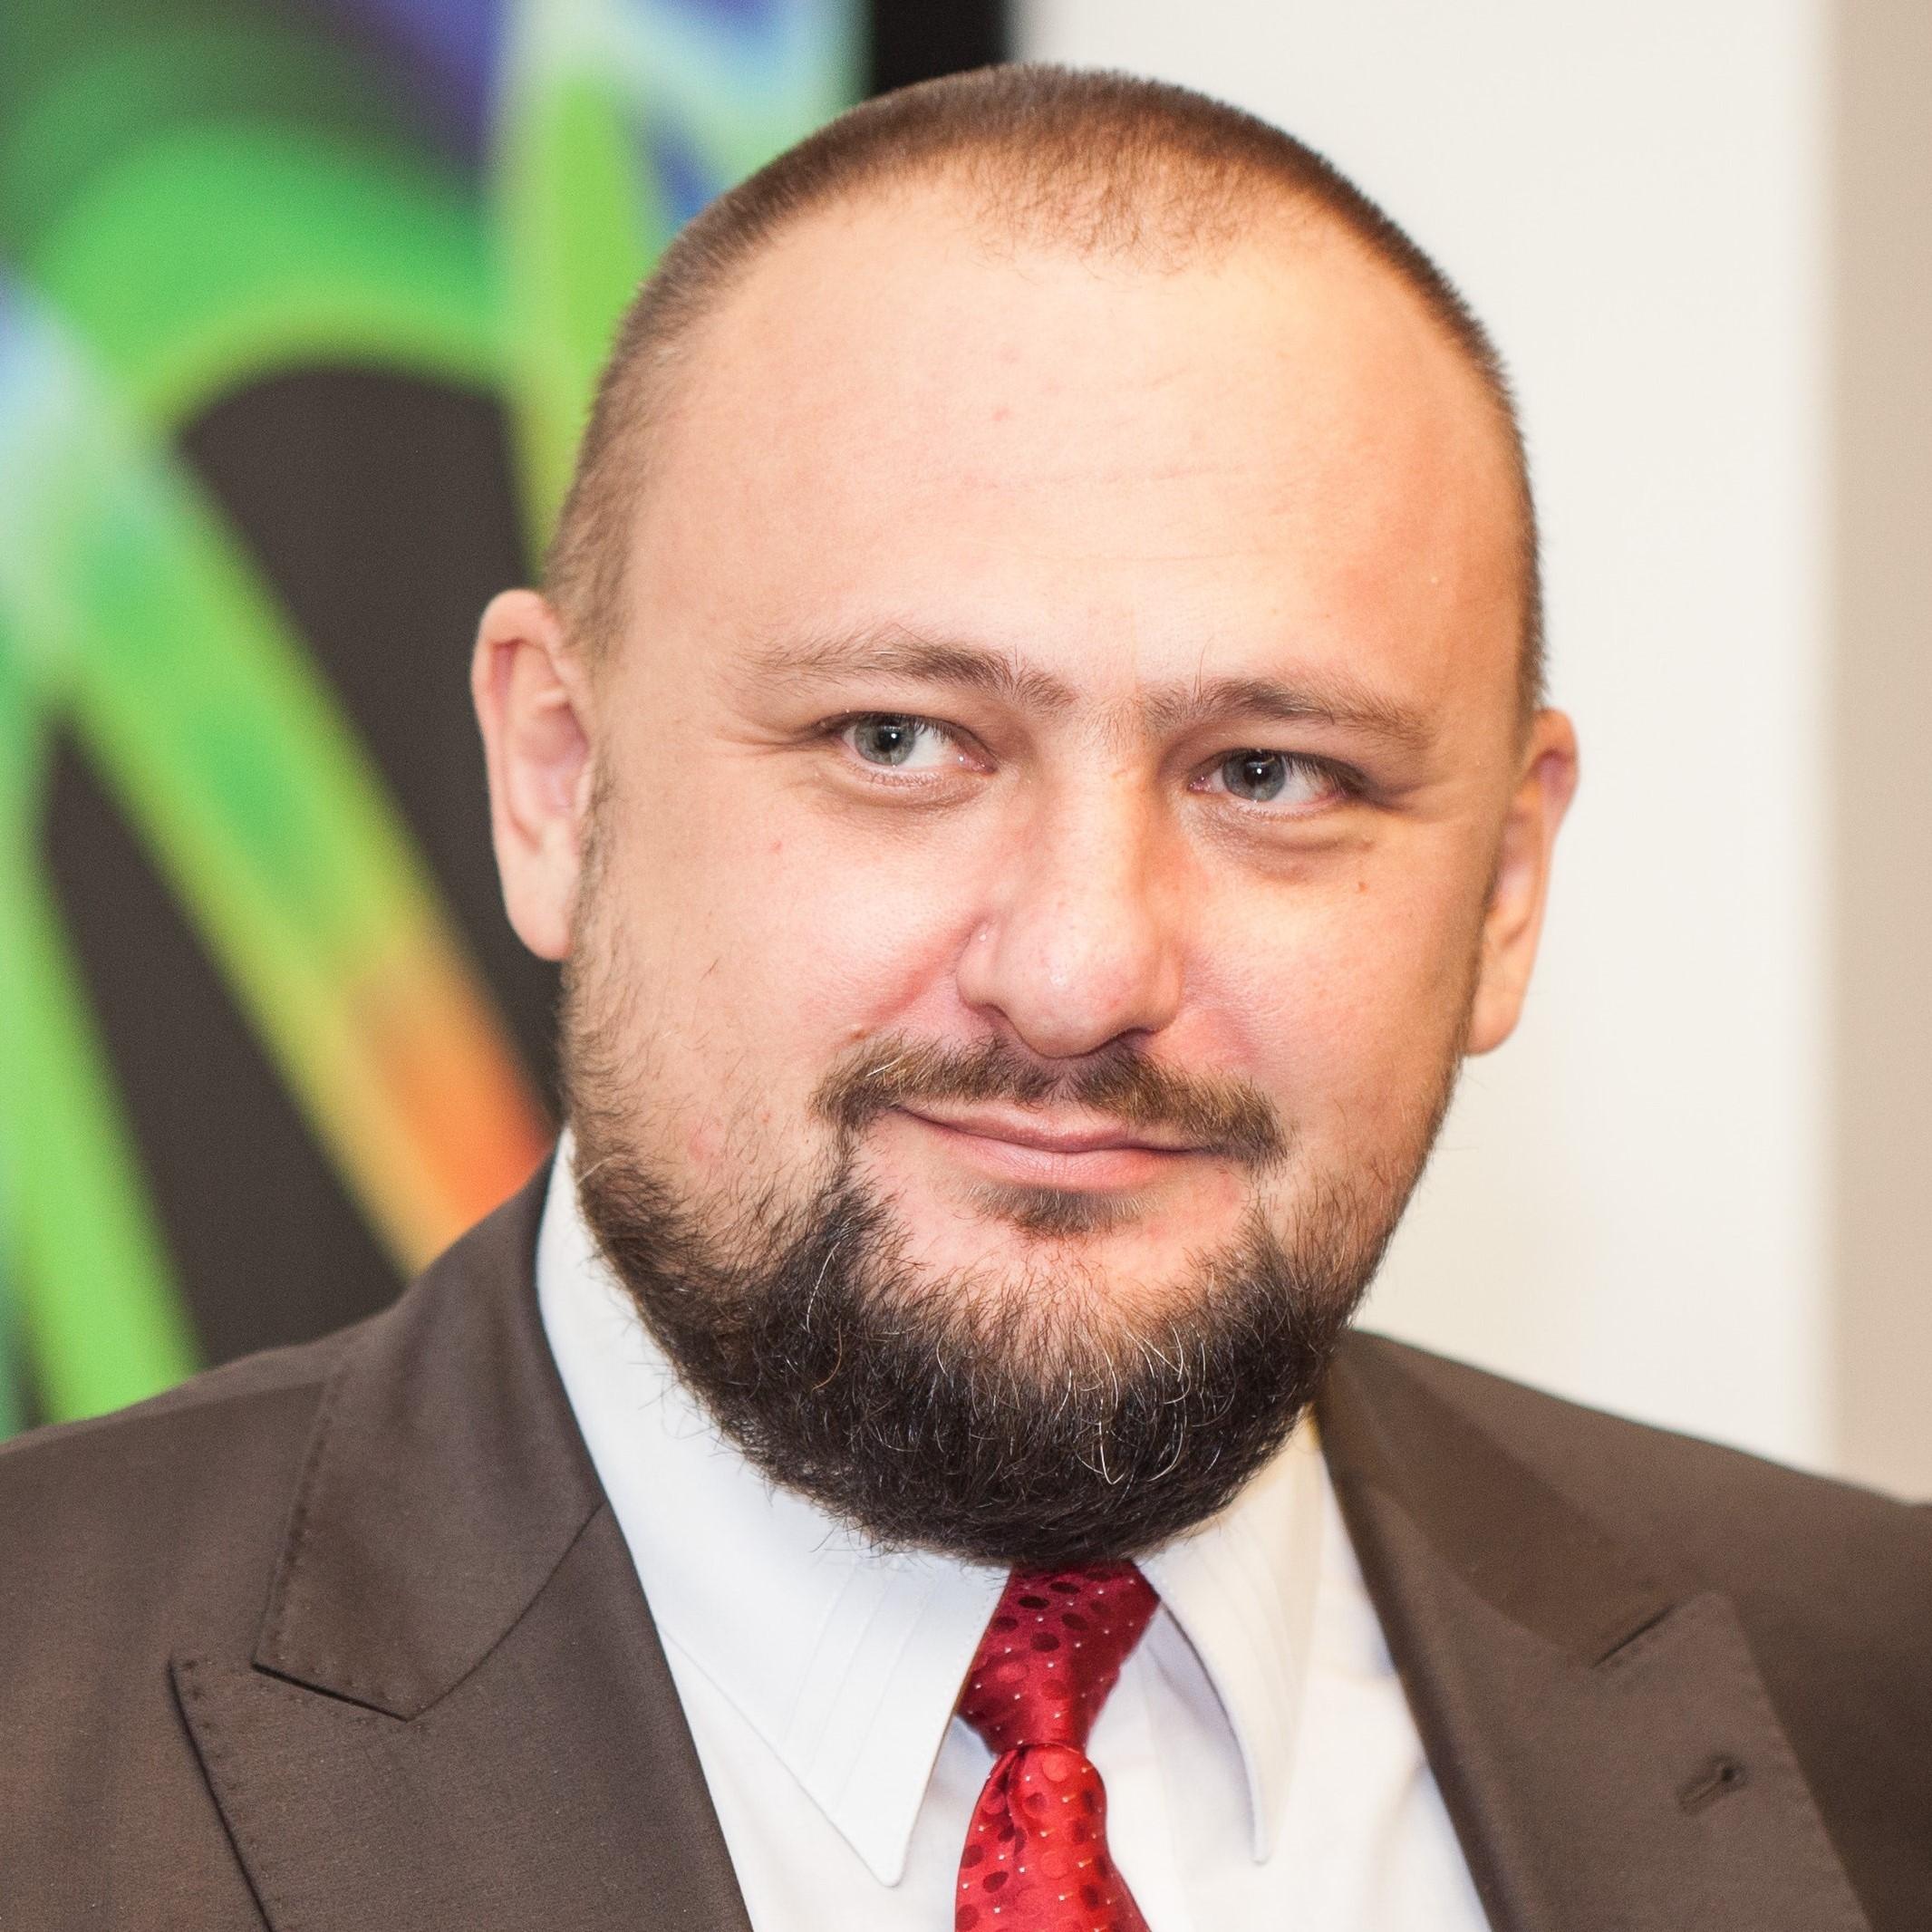 Jiří Horecký